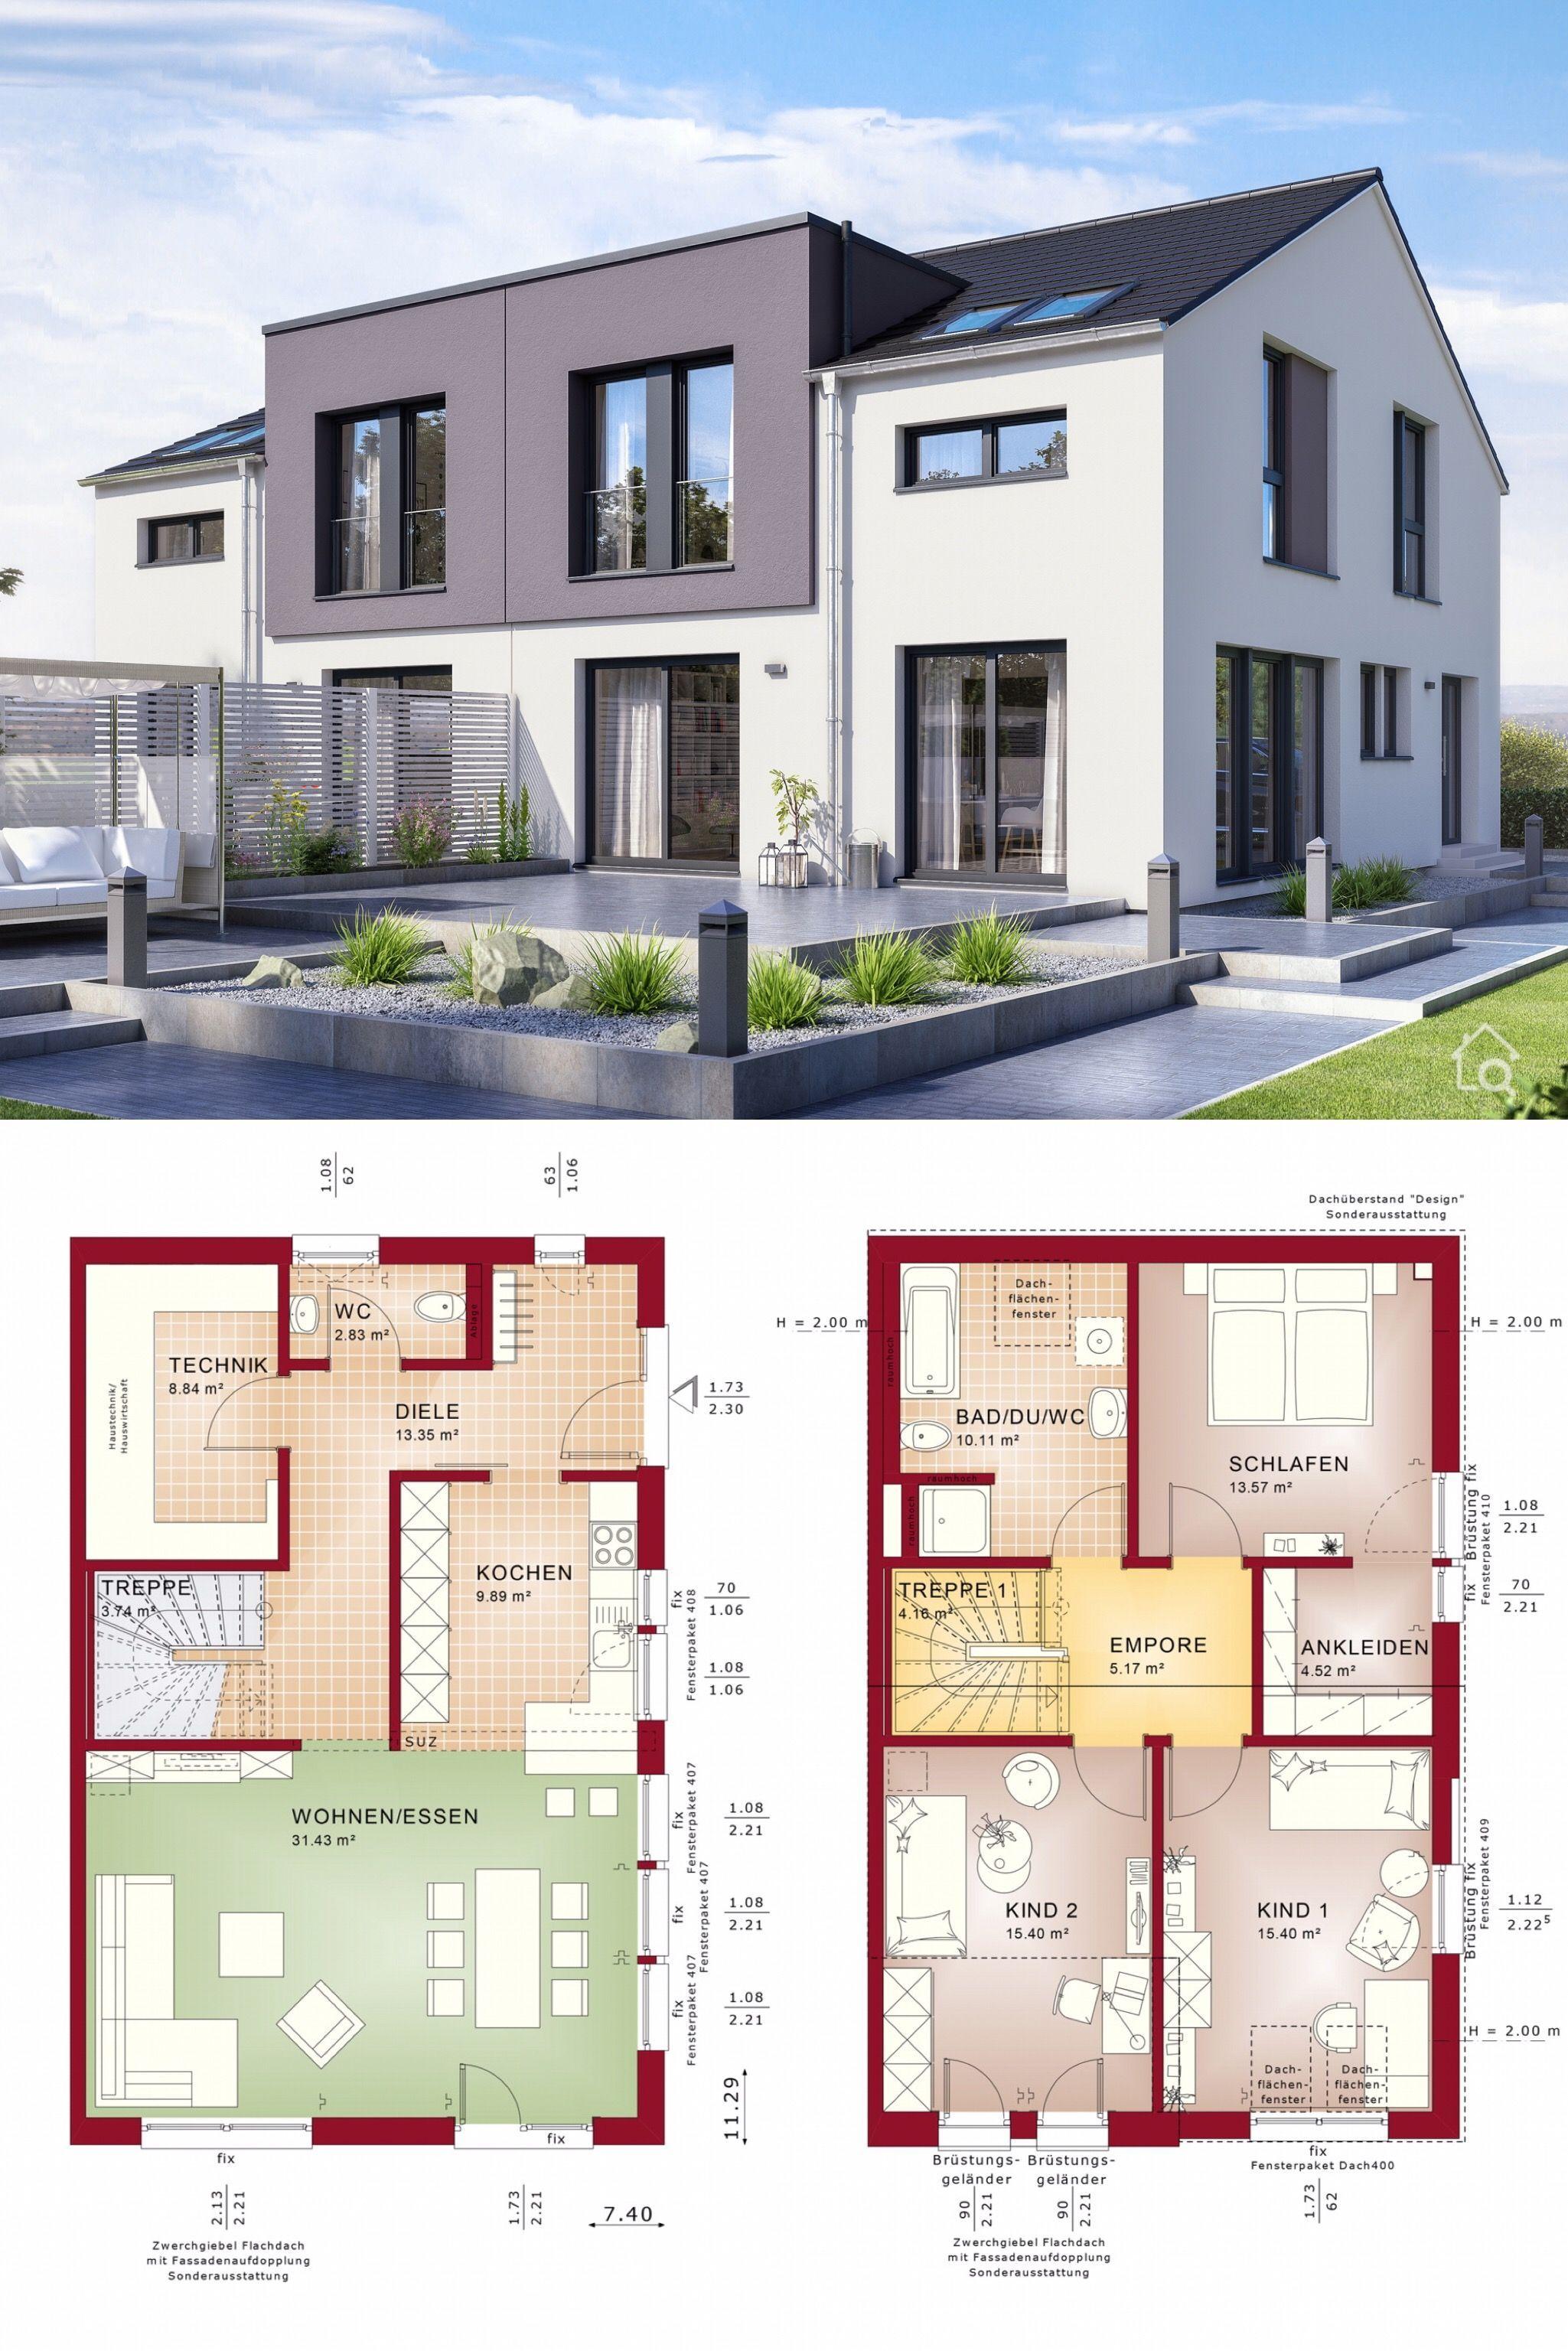 Doppelhaushälfte modern Grundriss mit 4 Zimmer